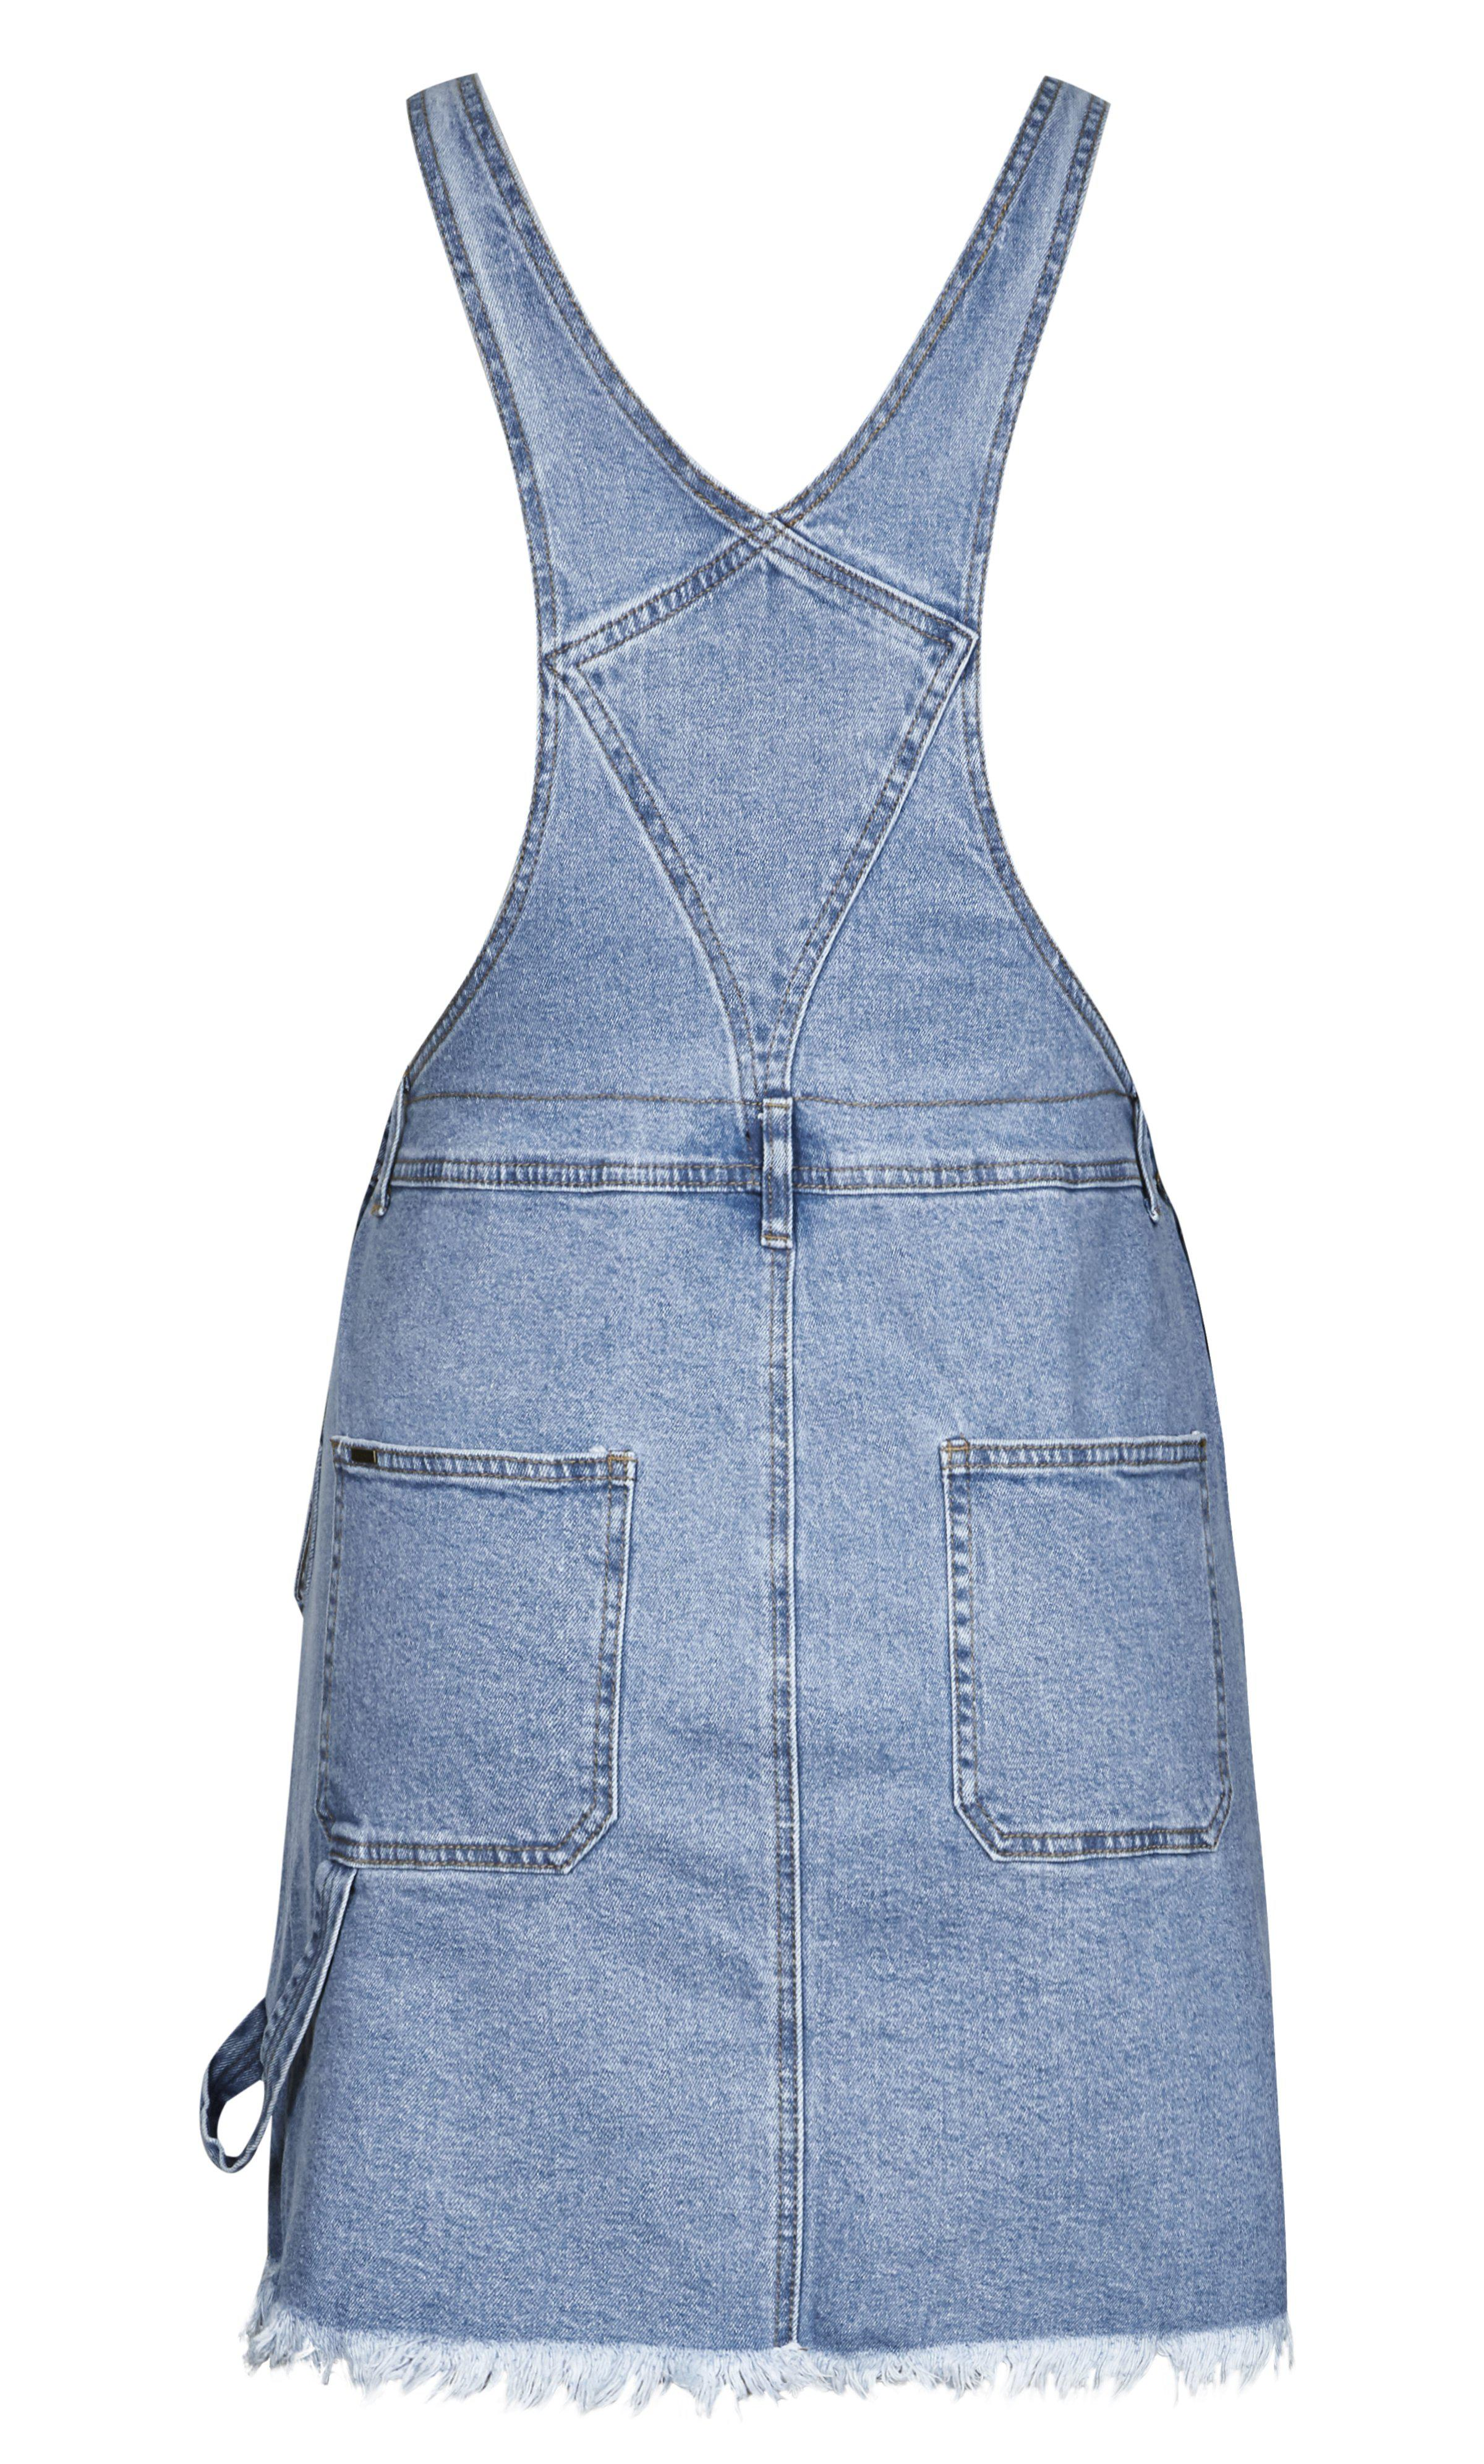 f0853462bf8 City Chic - Blue Denim Overall Bib Dress - Lyst. View fullscreen